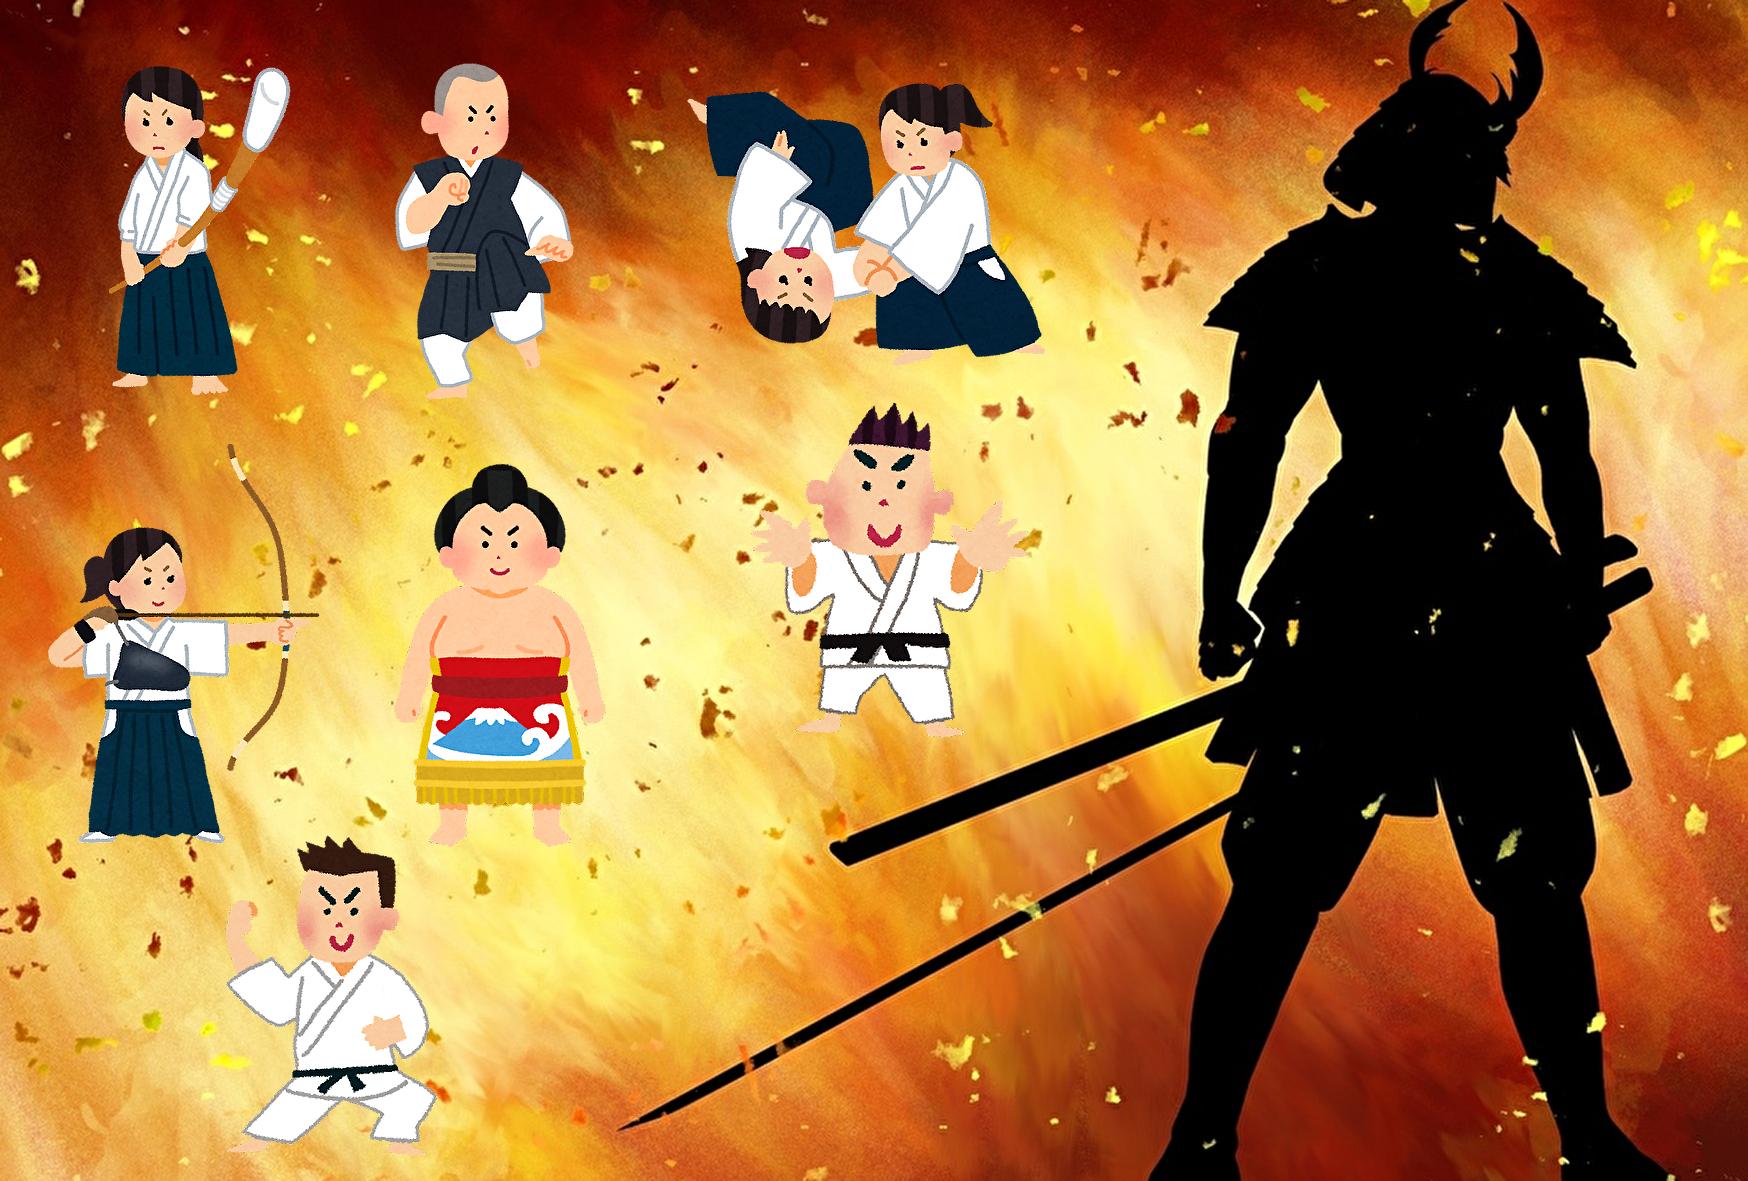 武道の種類とは?武道の映画・小説・漫画・アニメなどを紹介します。